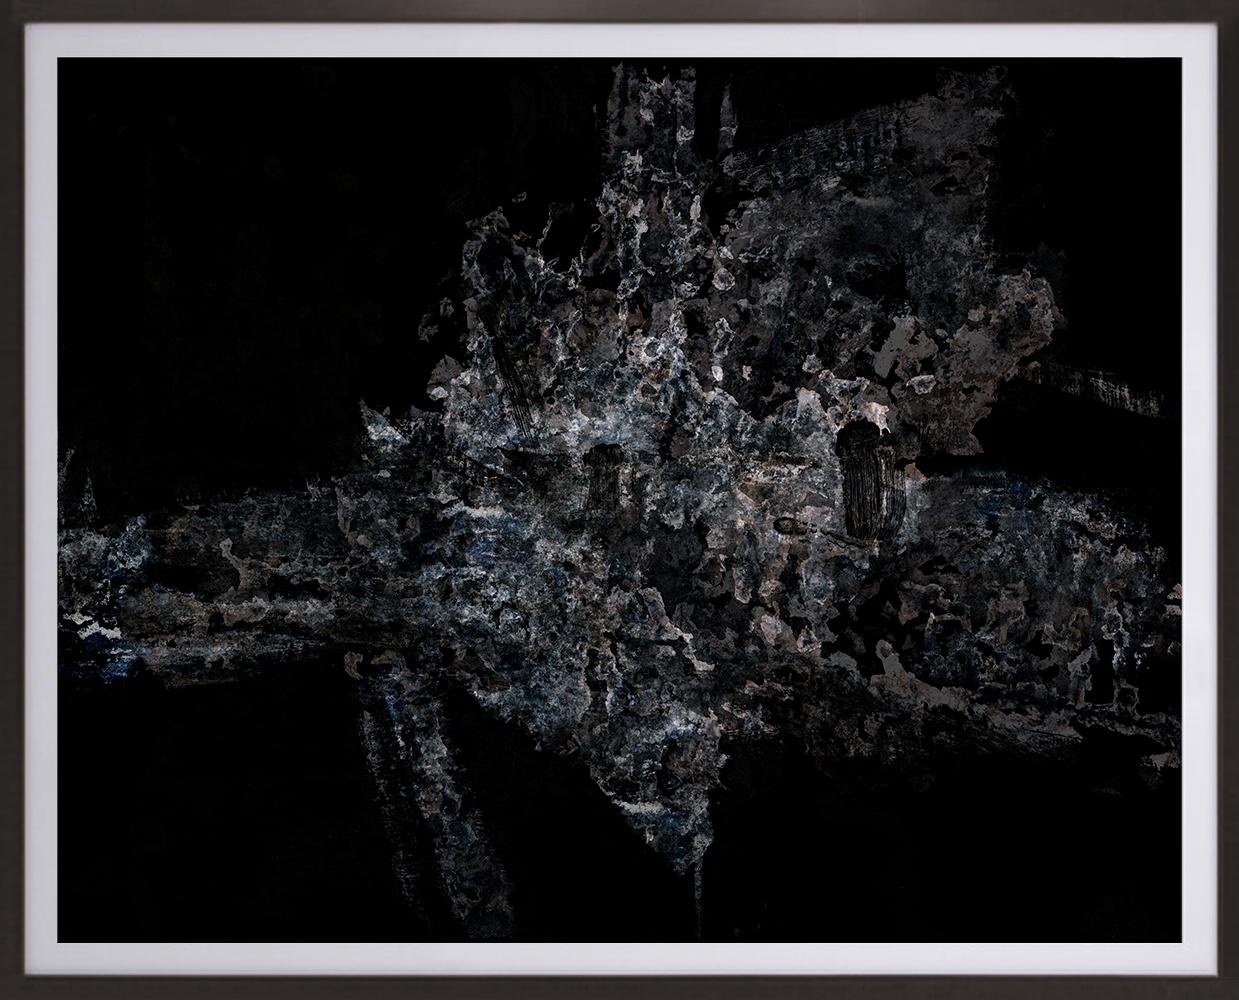 Elias Wessel  Feral 4 , 2015-16 Color Photograph Original: 189,2 x 234,5 cm (framed)